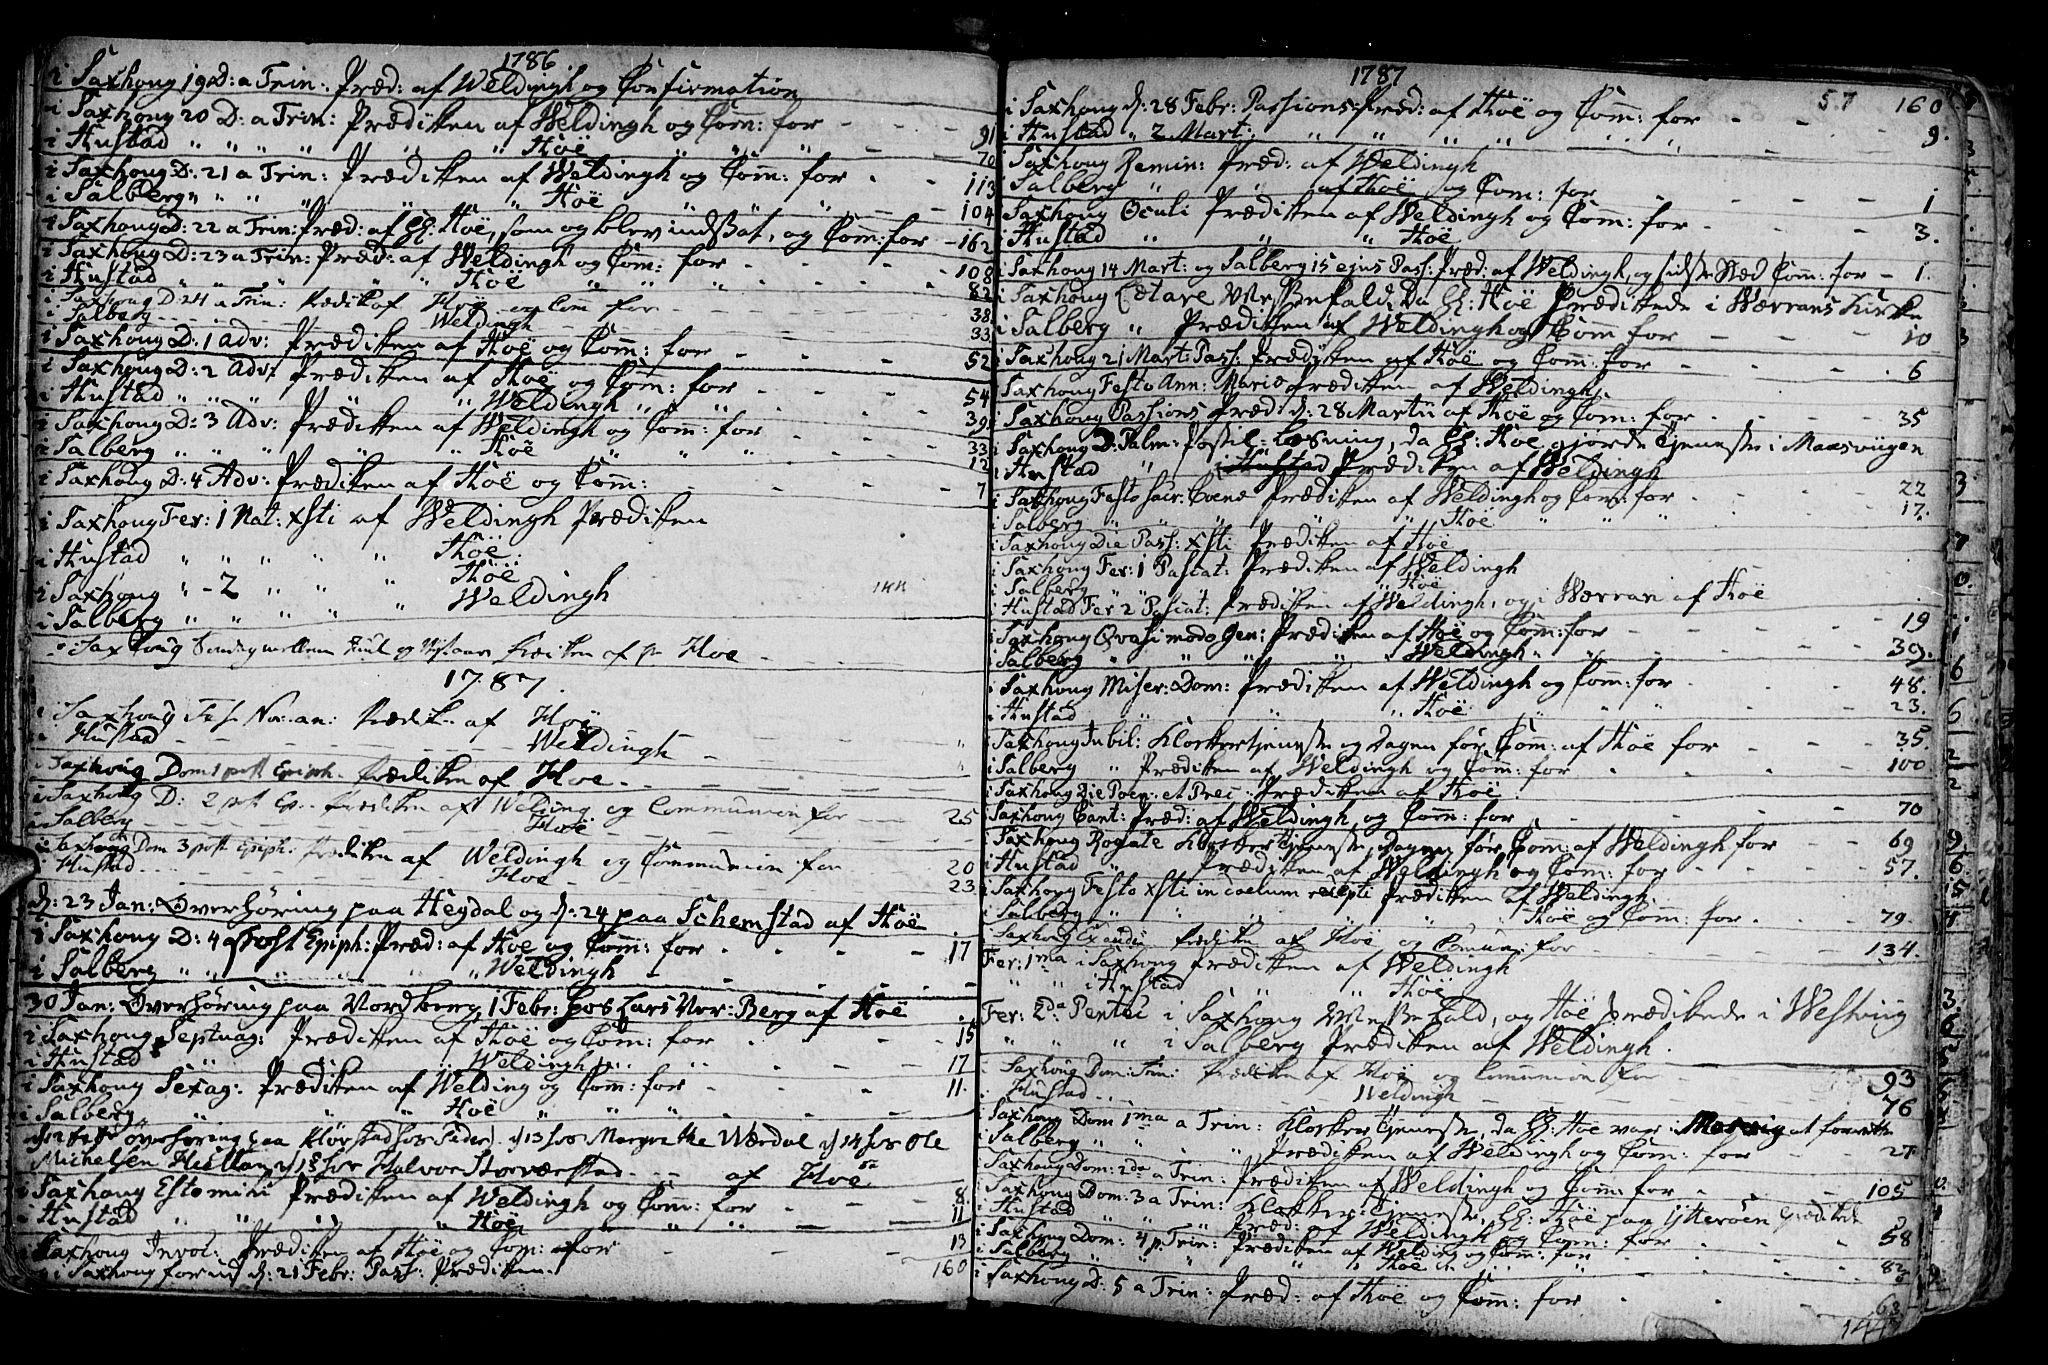 SAT, Ministerialprotokoller, klokkerbøker og fødselsregistre - Nord-Trøndelag, 730/L0273: Ministerialbok nr. 730A02, 1762-1802, s. 57